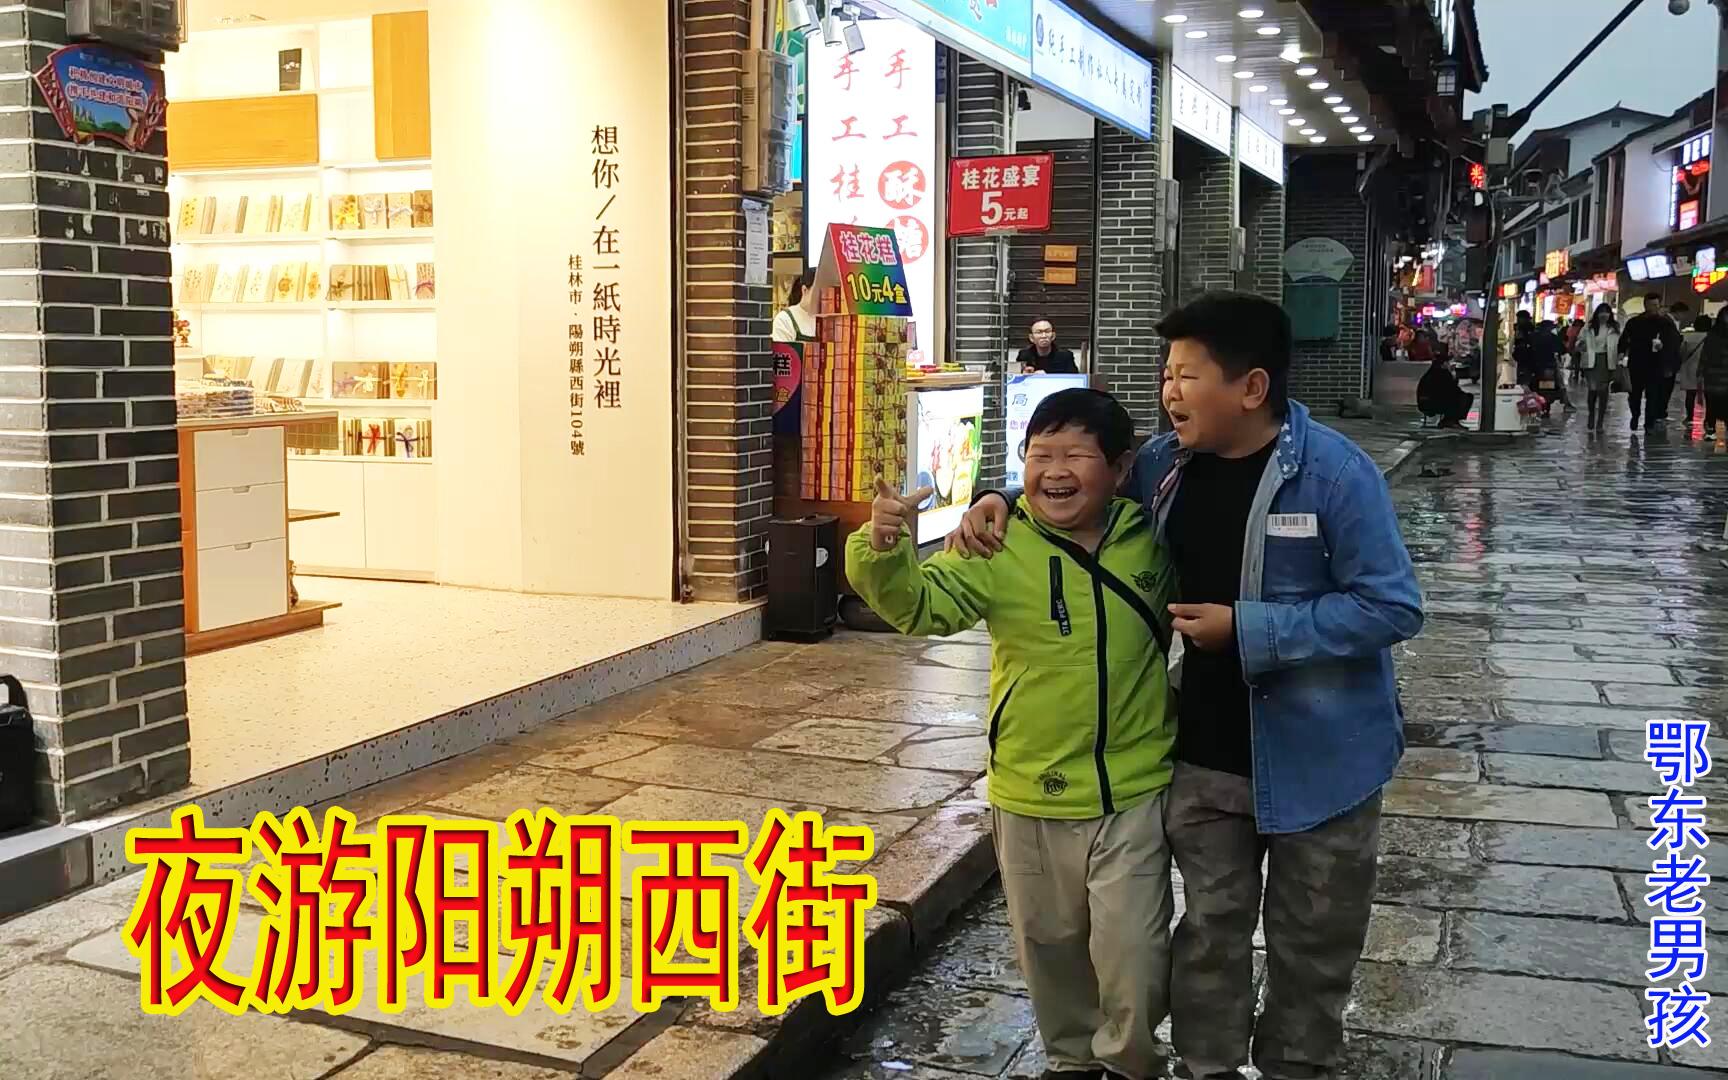 小六带老男孩夜游阳朔西街,村长忽悠说他们是小孩,老板一眼看穿